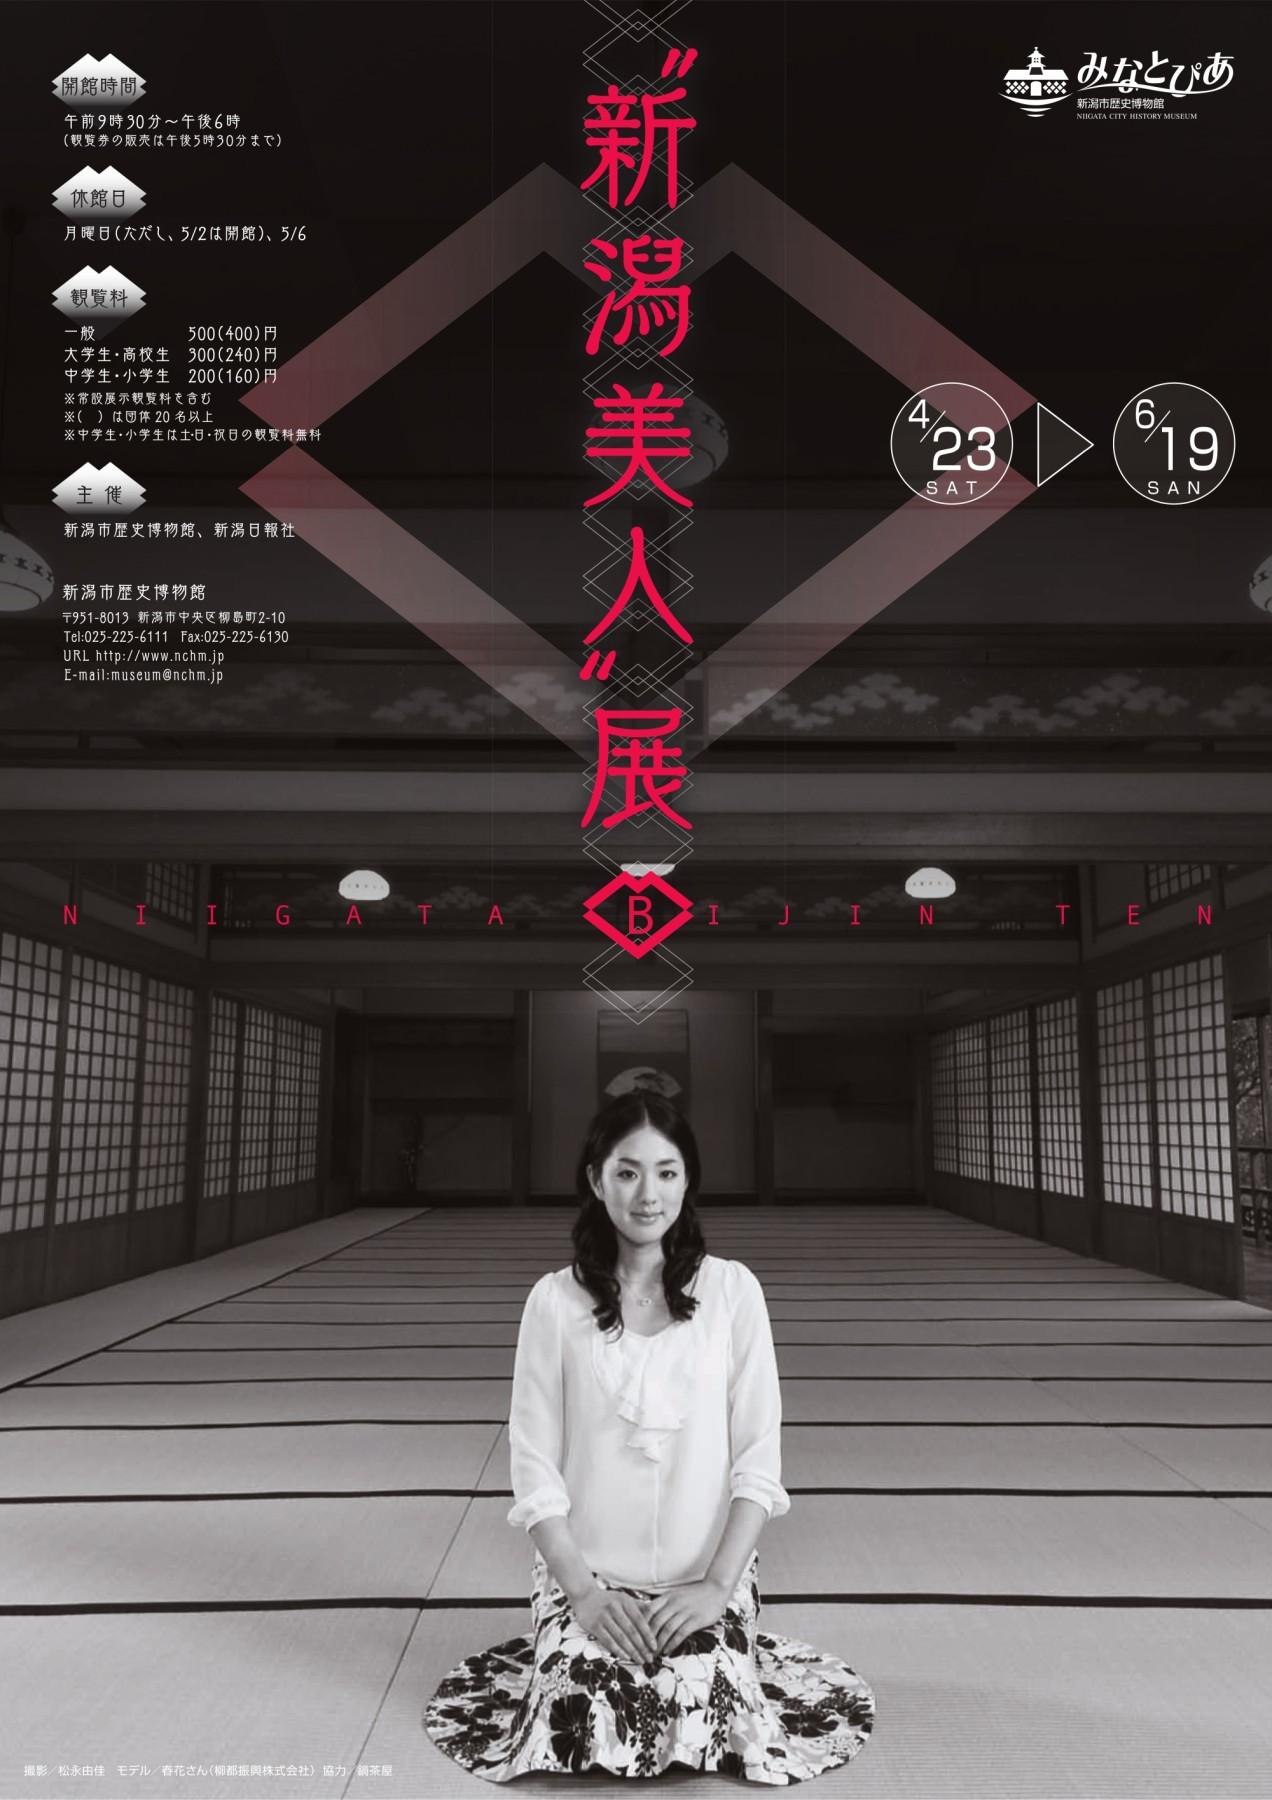 「新潟美人展」(2011年)のポスター(上)とチラシ(下)。現役の新潟芸妓をモデルに、お座敷姿と私服姿の2種類の広報を打った。